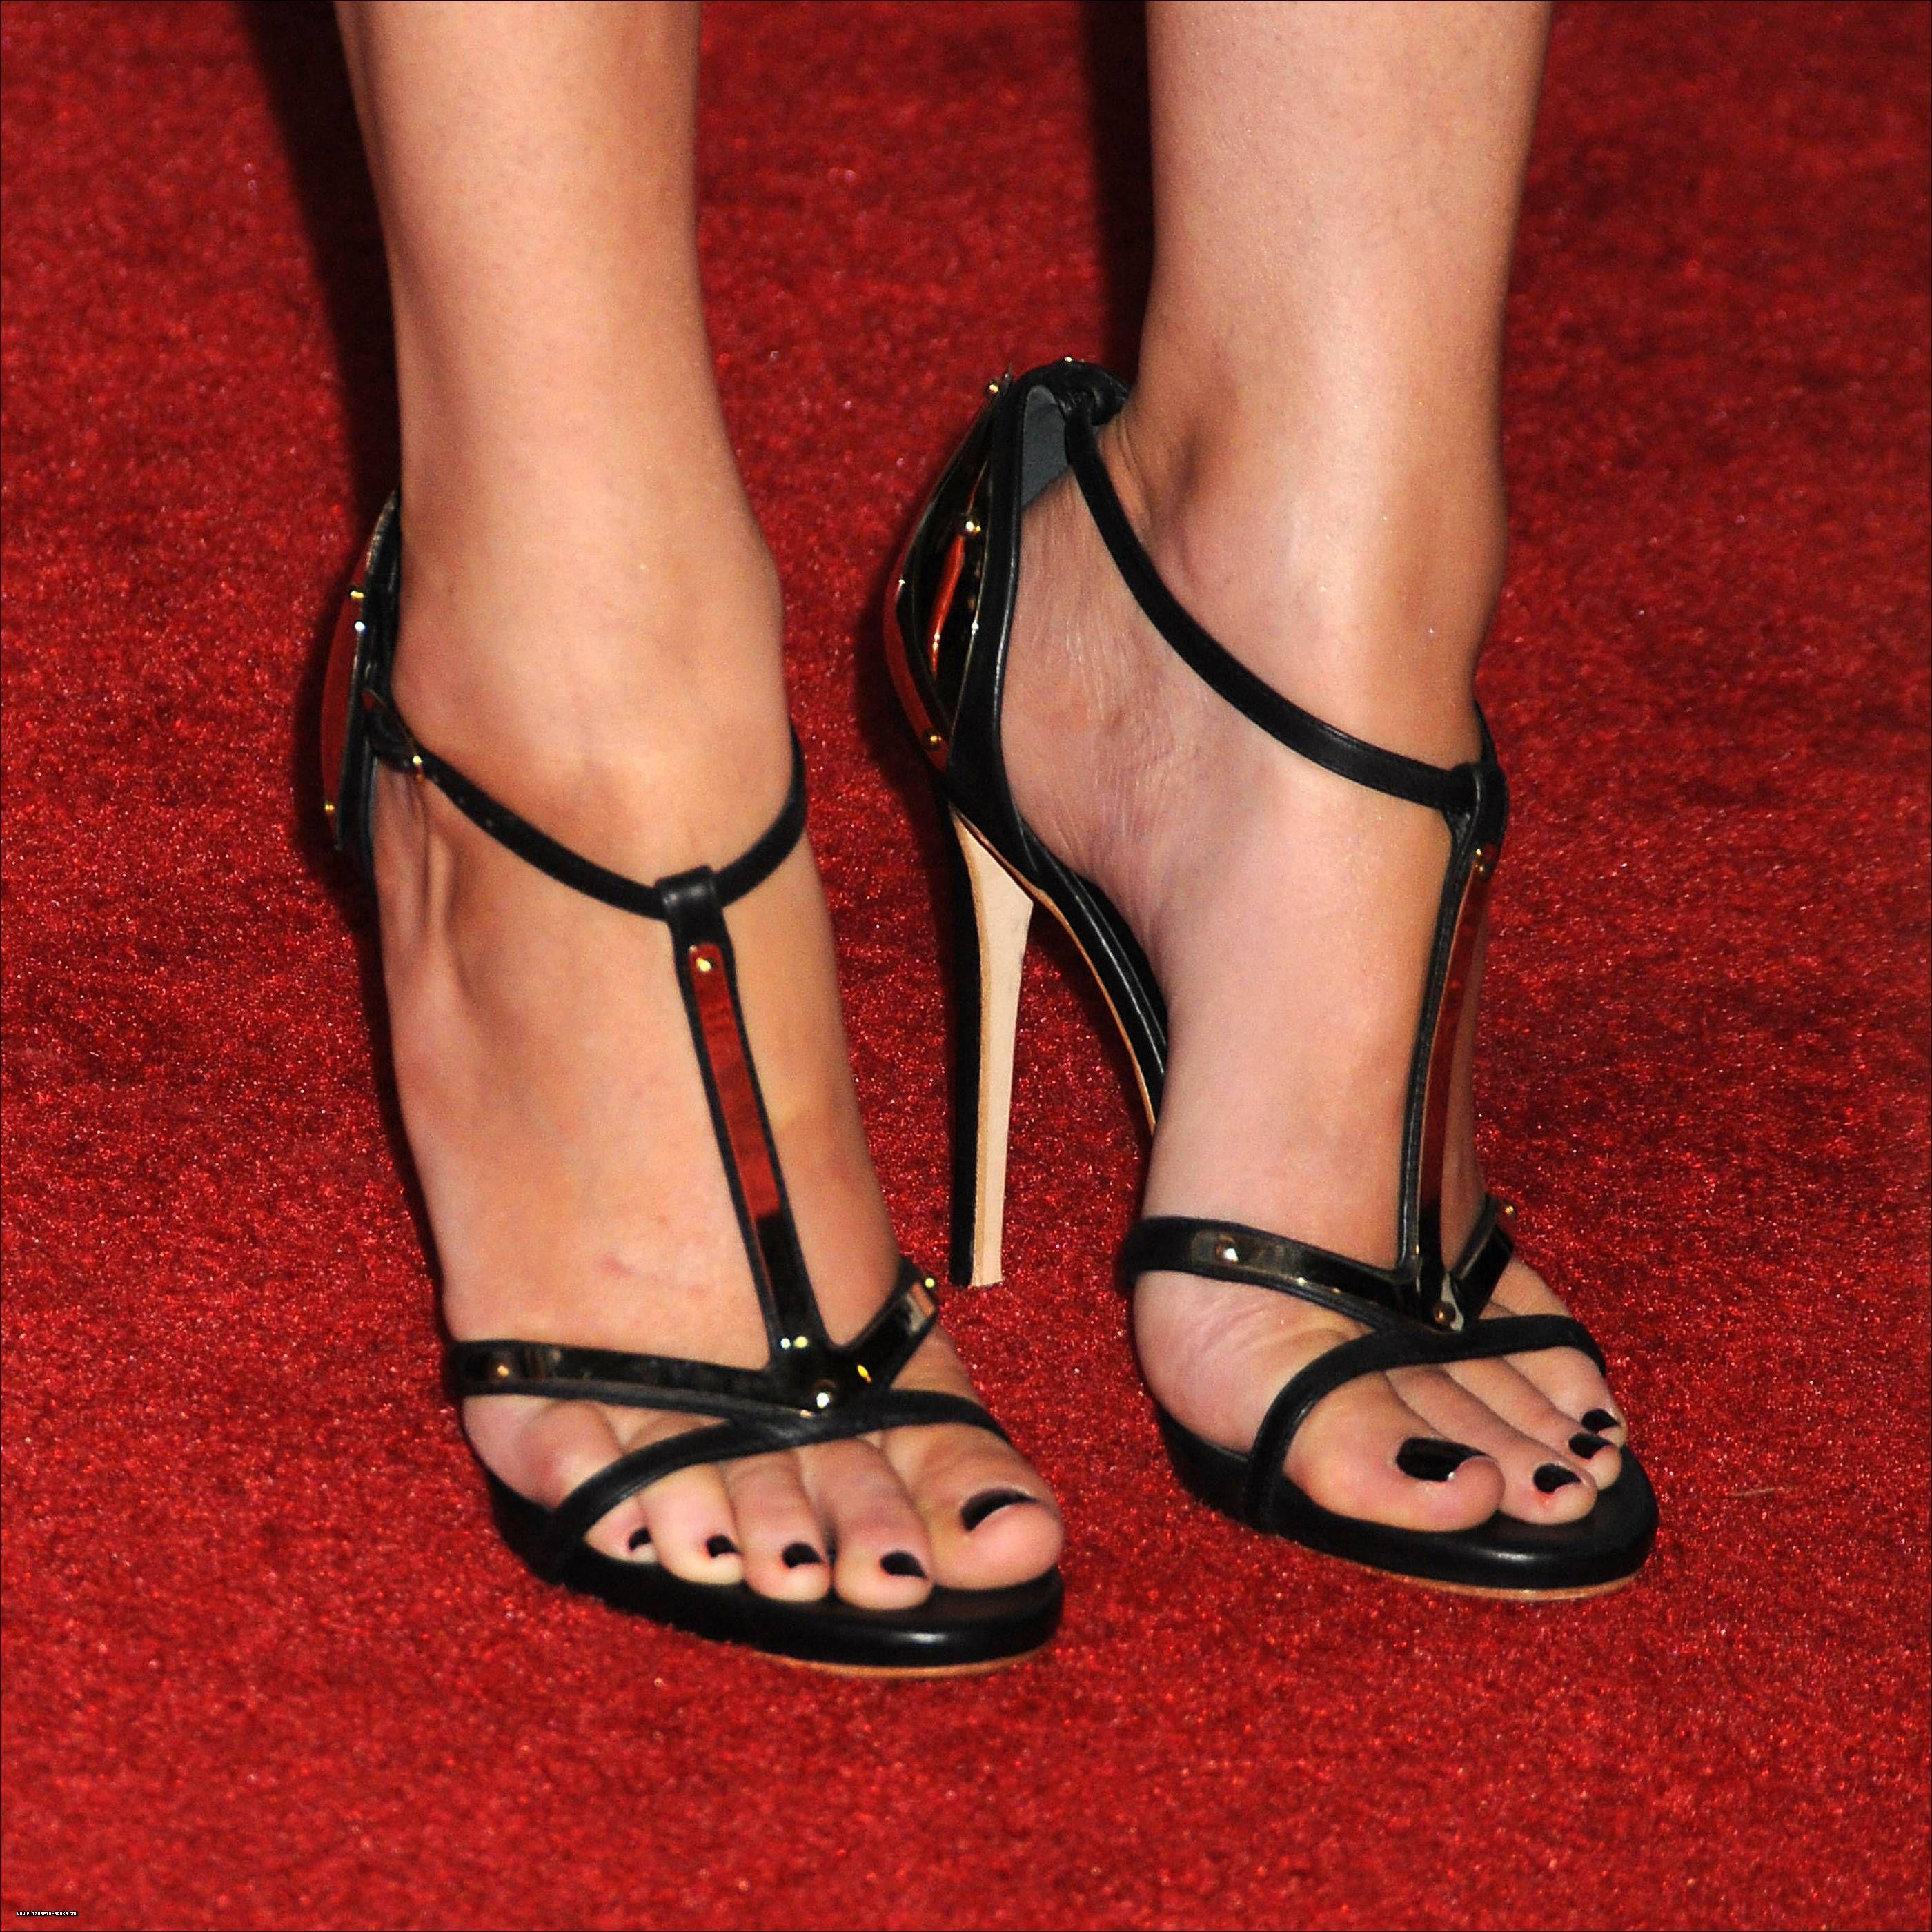 Elizabeth Banks Feet 1210380 Jpg Tacones Altos Tacones Zapatos Sexys